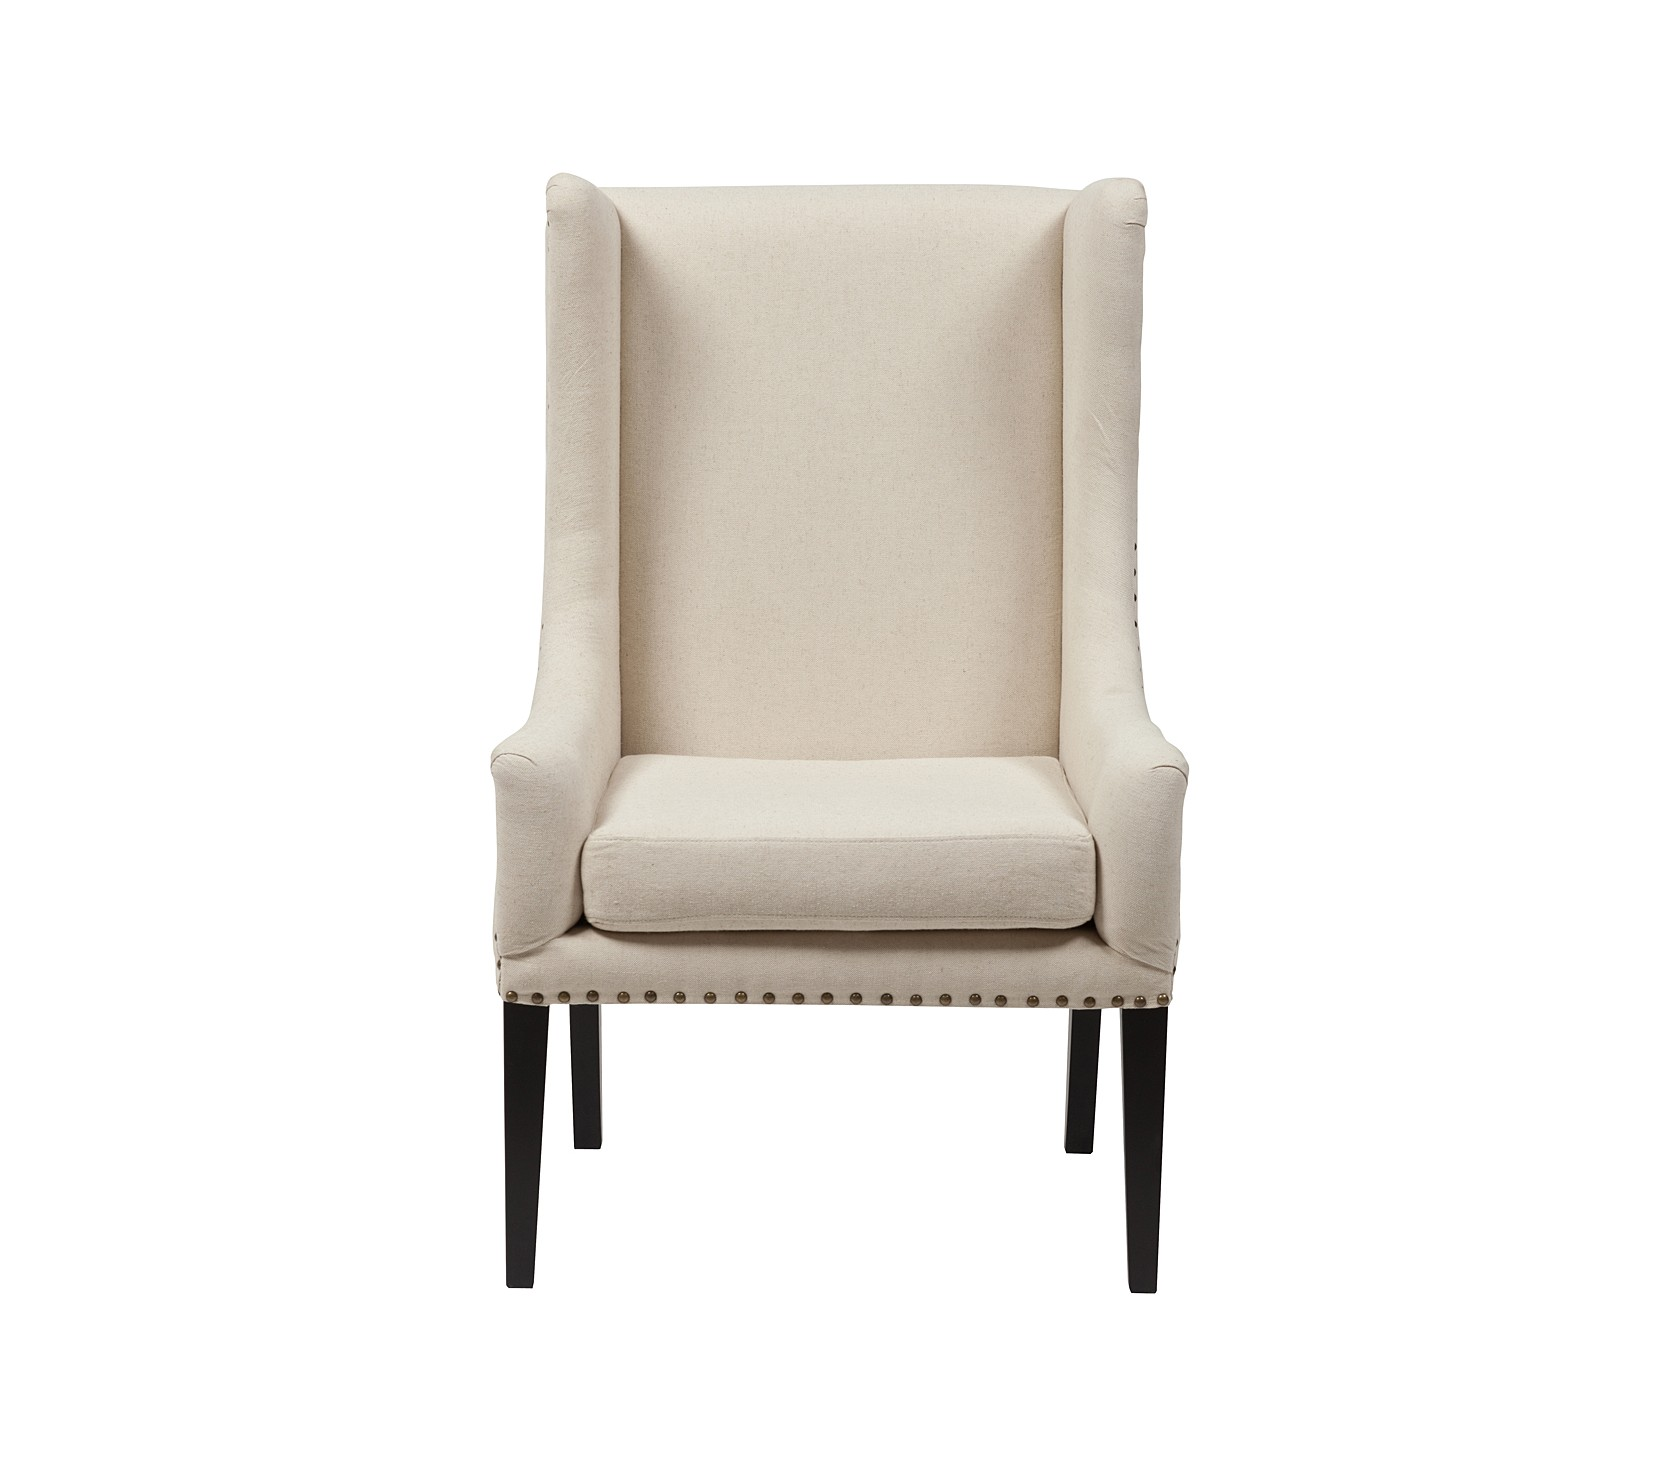 Кресло Nailhead Fabric ArmchairКресла с высокой спинкой<br><br><br>Material: Лен<br>Width см: 66<br>Depth см: 72<br>Height см: 112